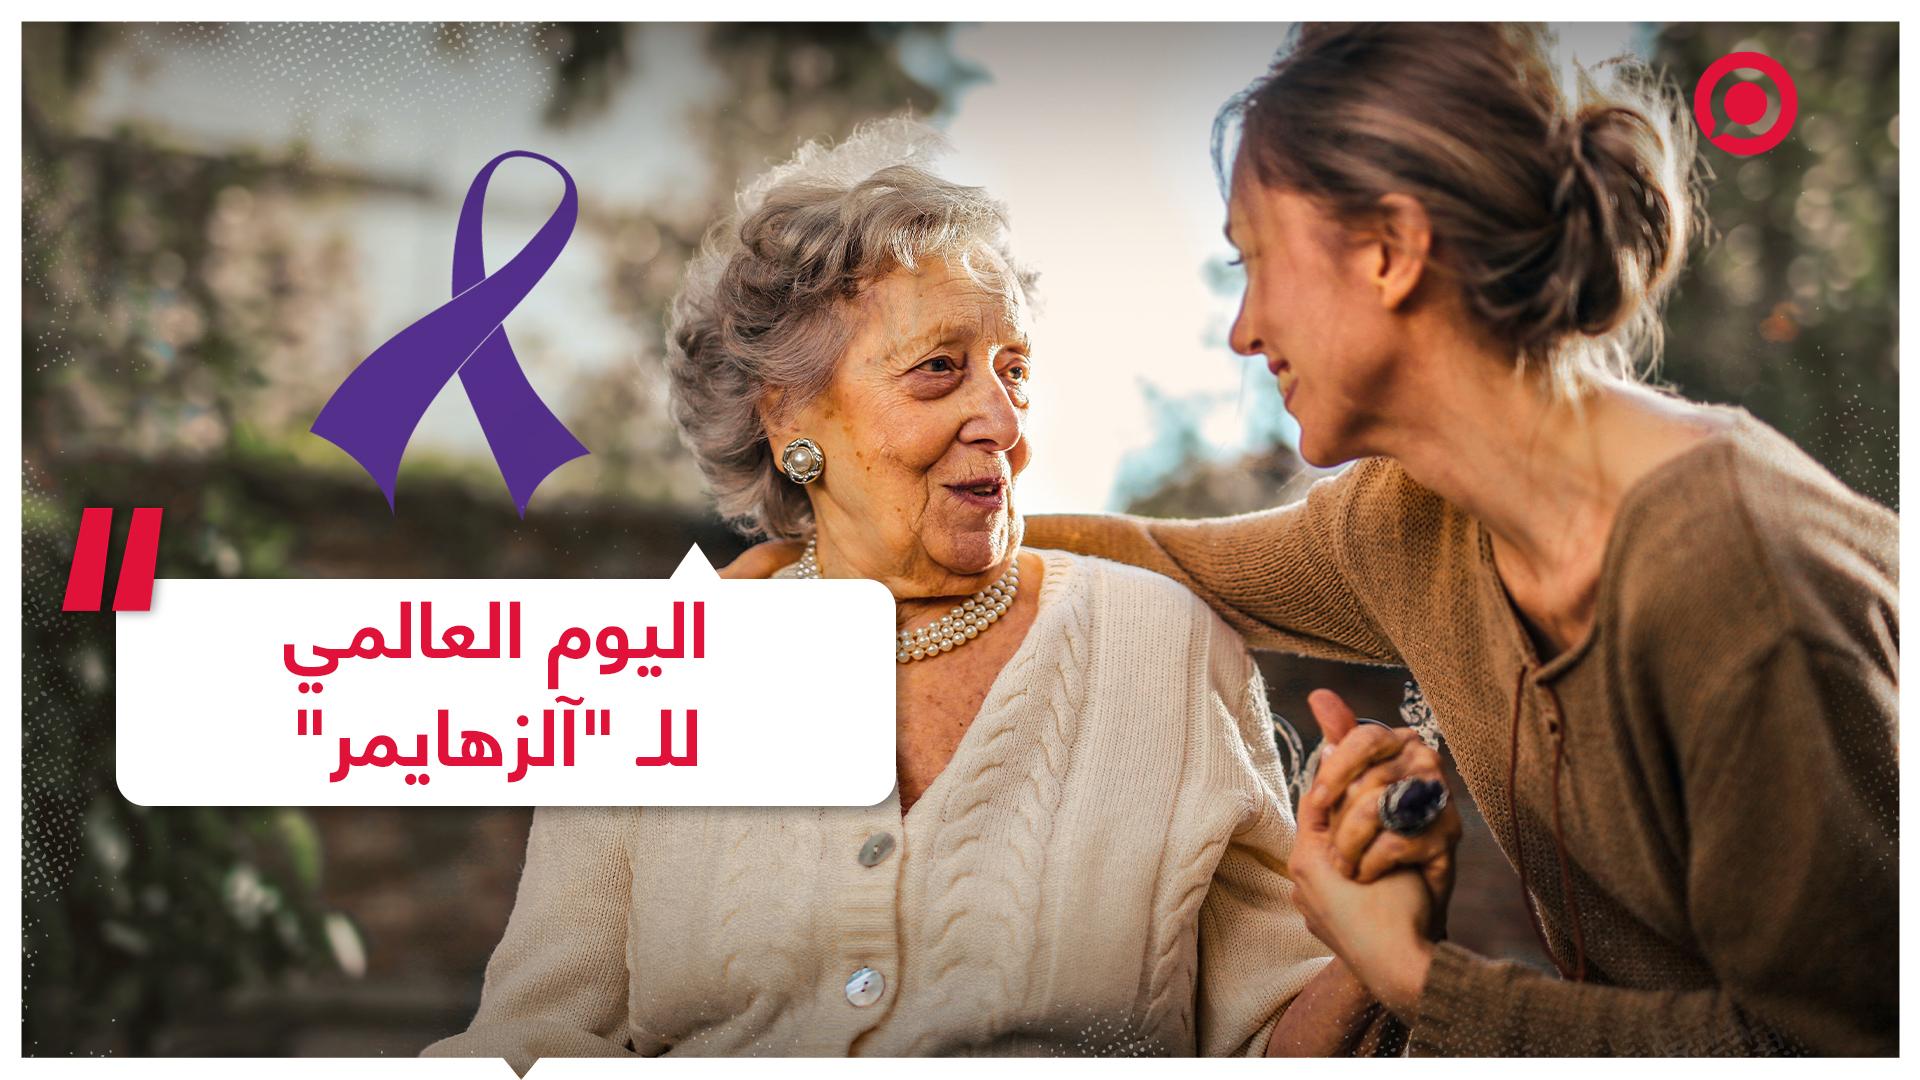 في اليوم العالمي للزهايمر.. تعرف على معلومات مهمة حول المرض!